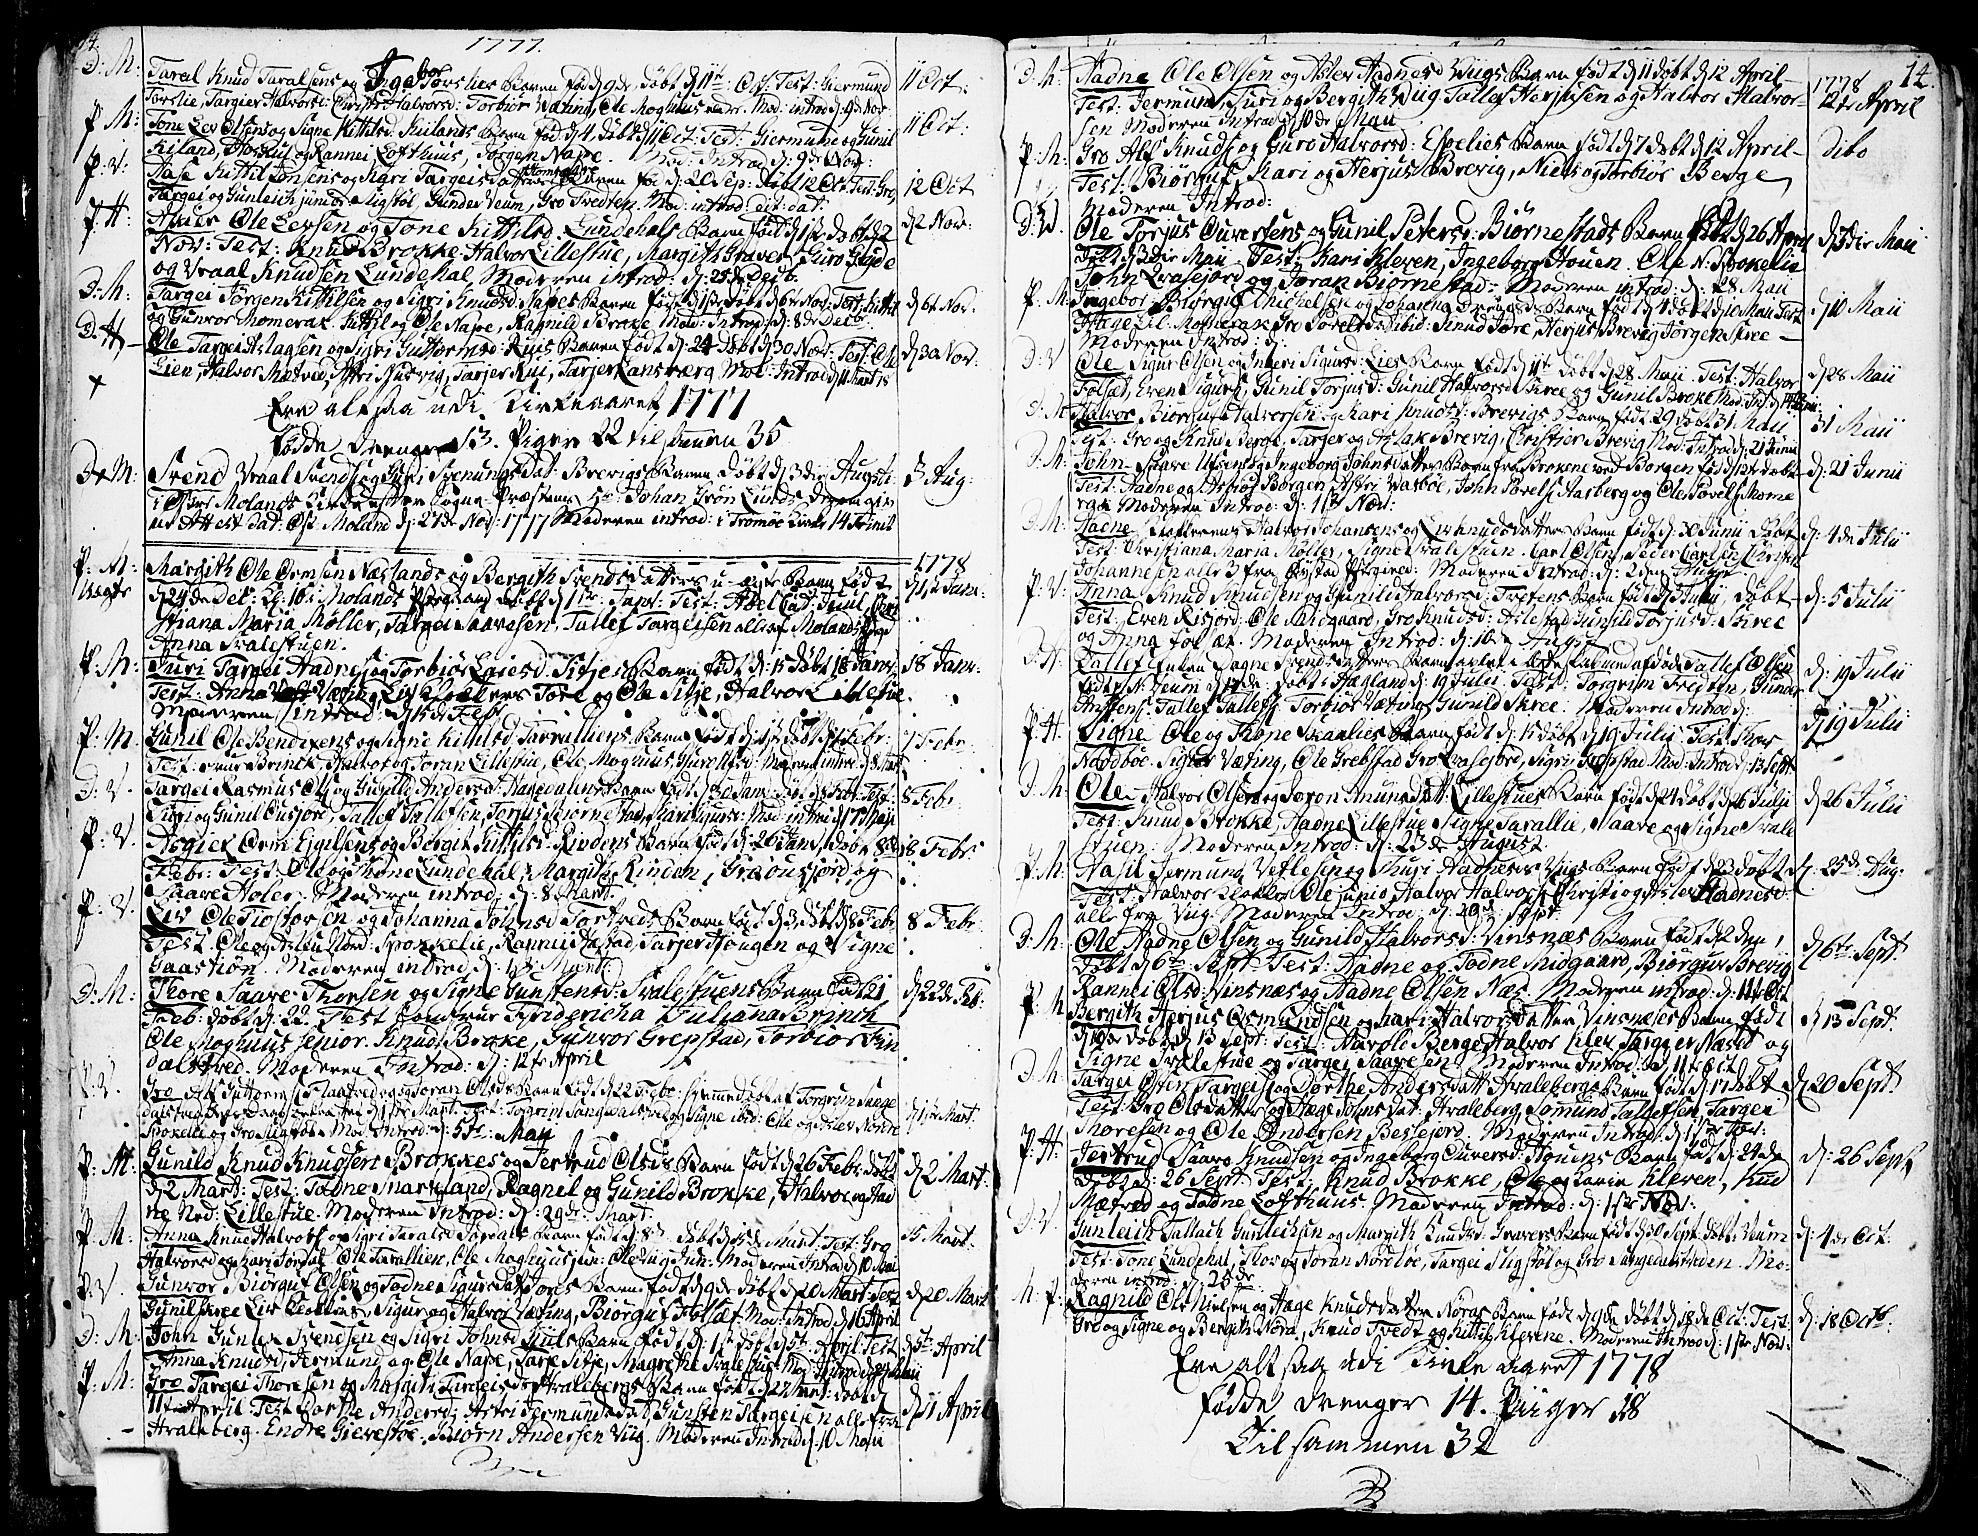 SAKO, Fyresdal kirkebøker, F/Fa/L0002: Ministerialbok nr. I 2, 1769-1814, s. 14